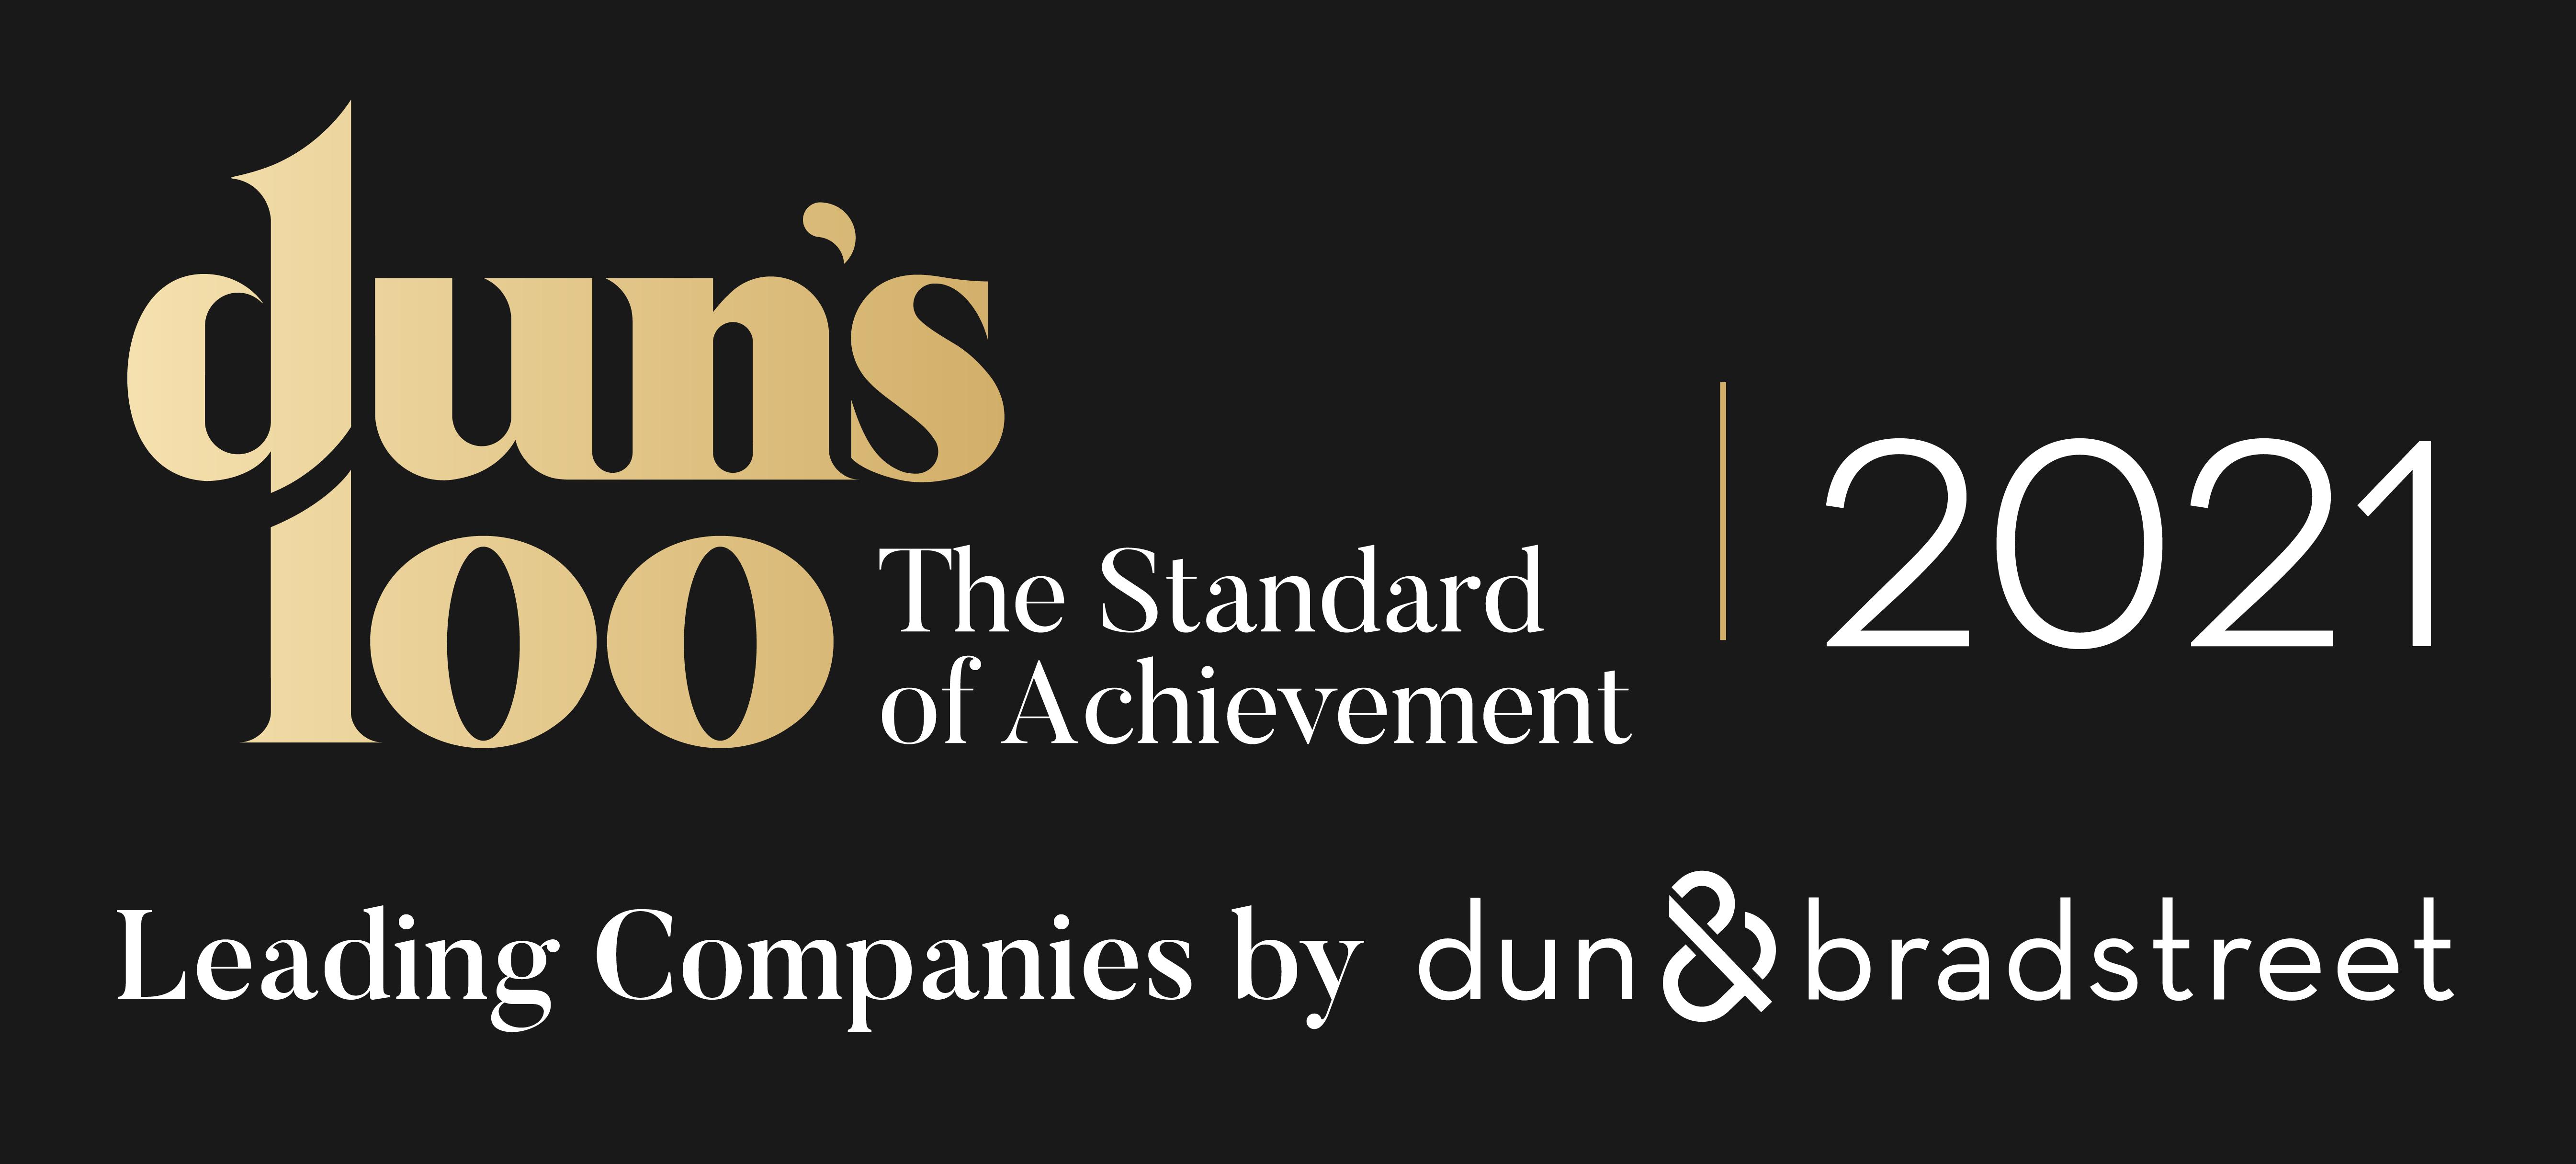 חברת קטה יזמות בניה והשקעות מופיעה בדירוג DUN'S 100 של דן אנד ברדסטריט